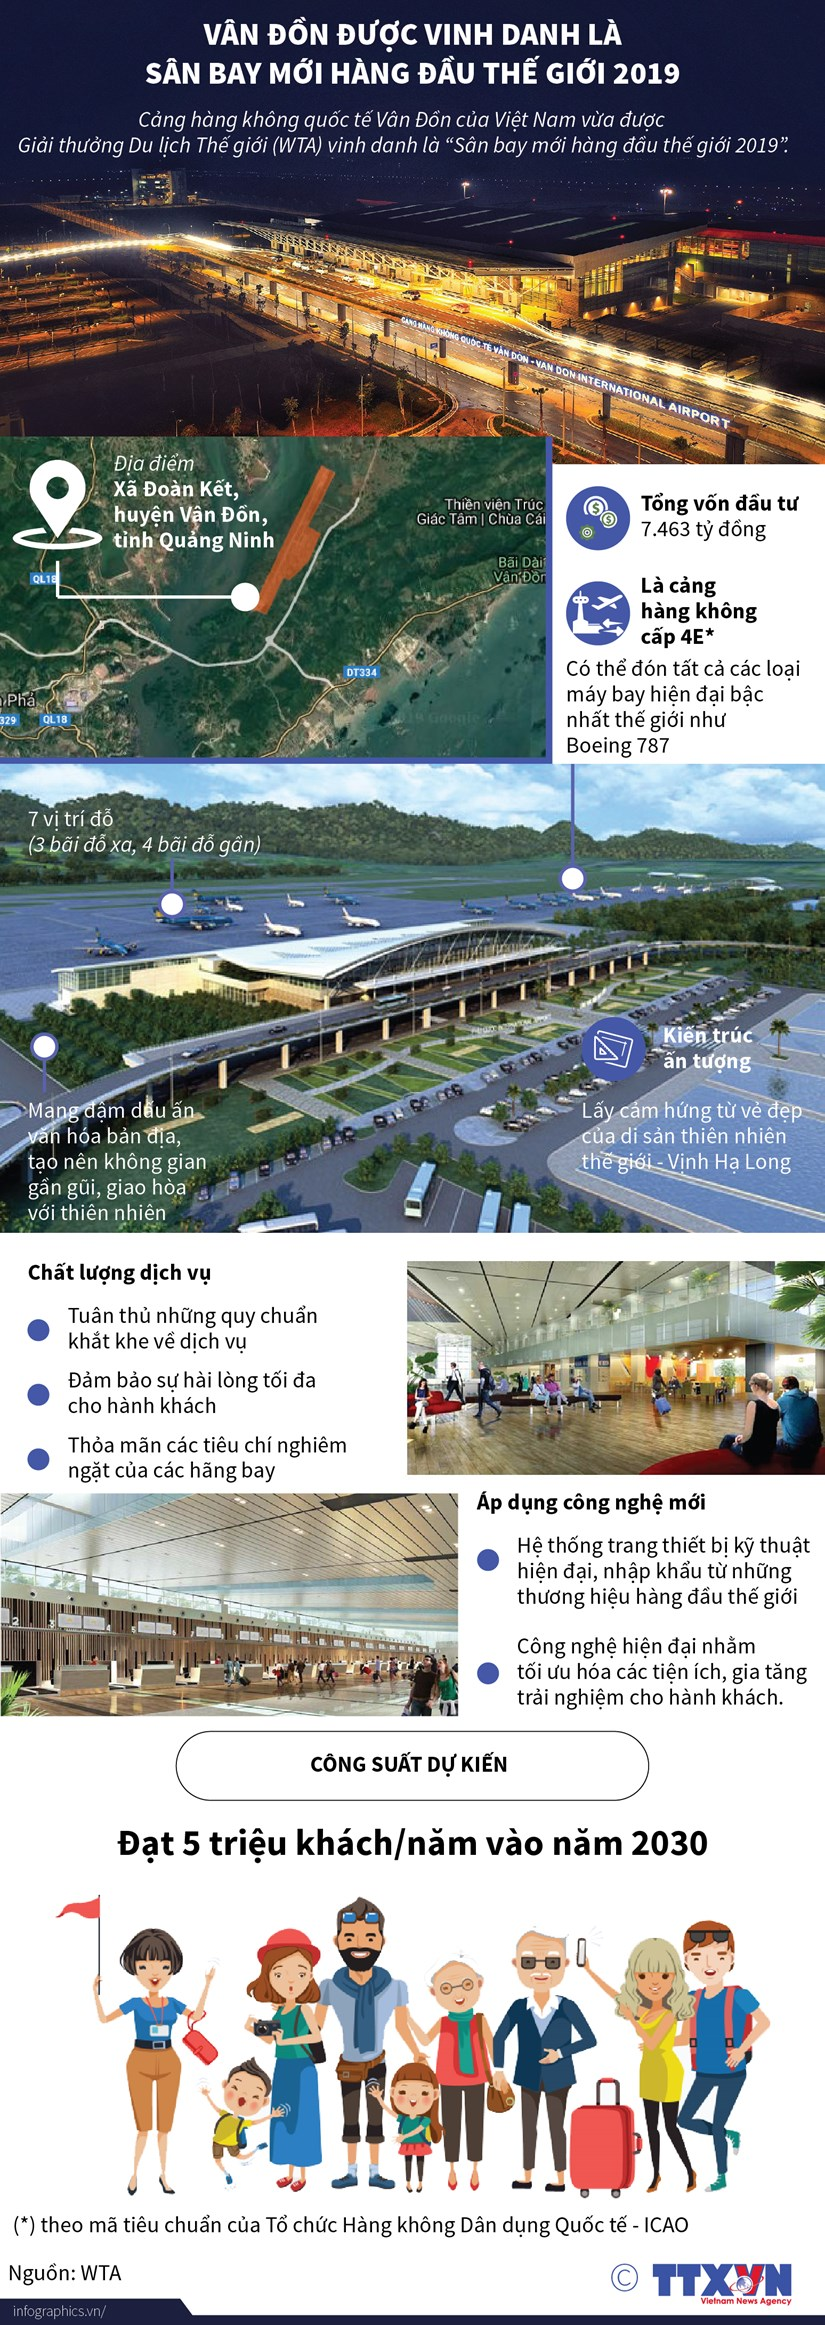 [Infographics] Van Don duoc vinh danh la san bay moi hang dau the gioi hinh anh 1